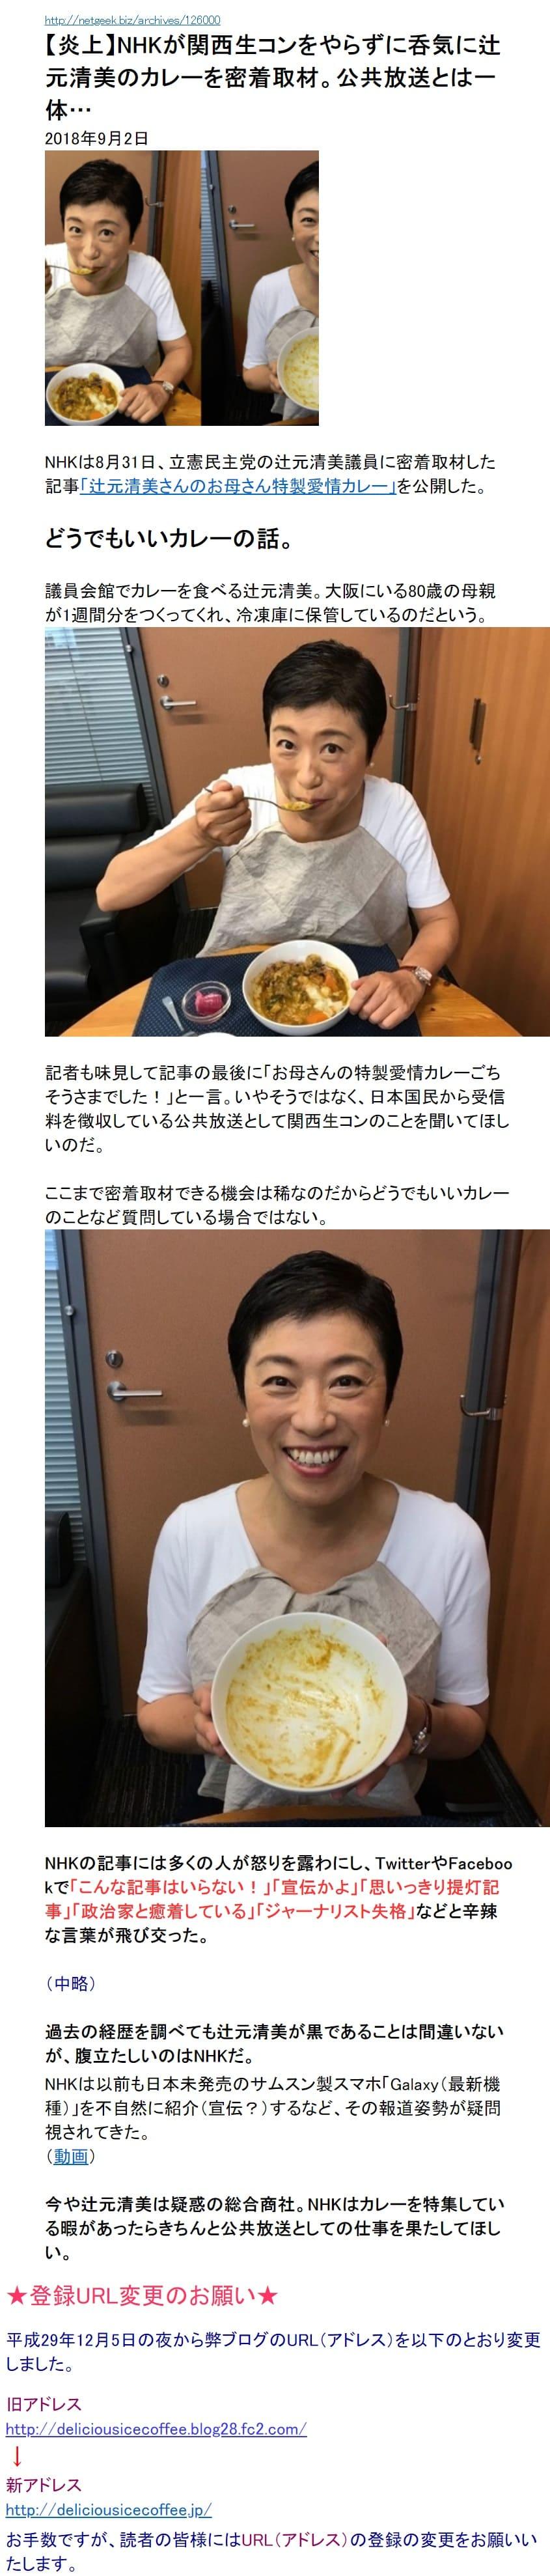 NHKは関西生コン逮捕を報道せず4 (1)